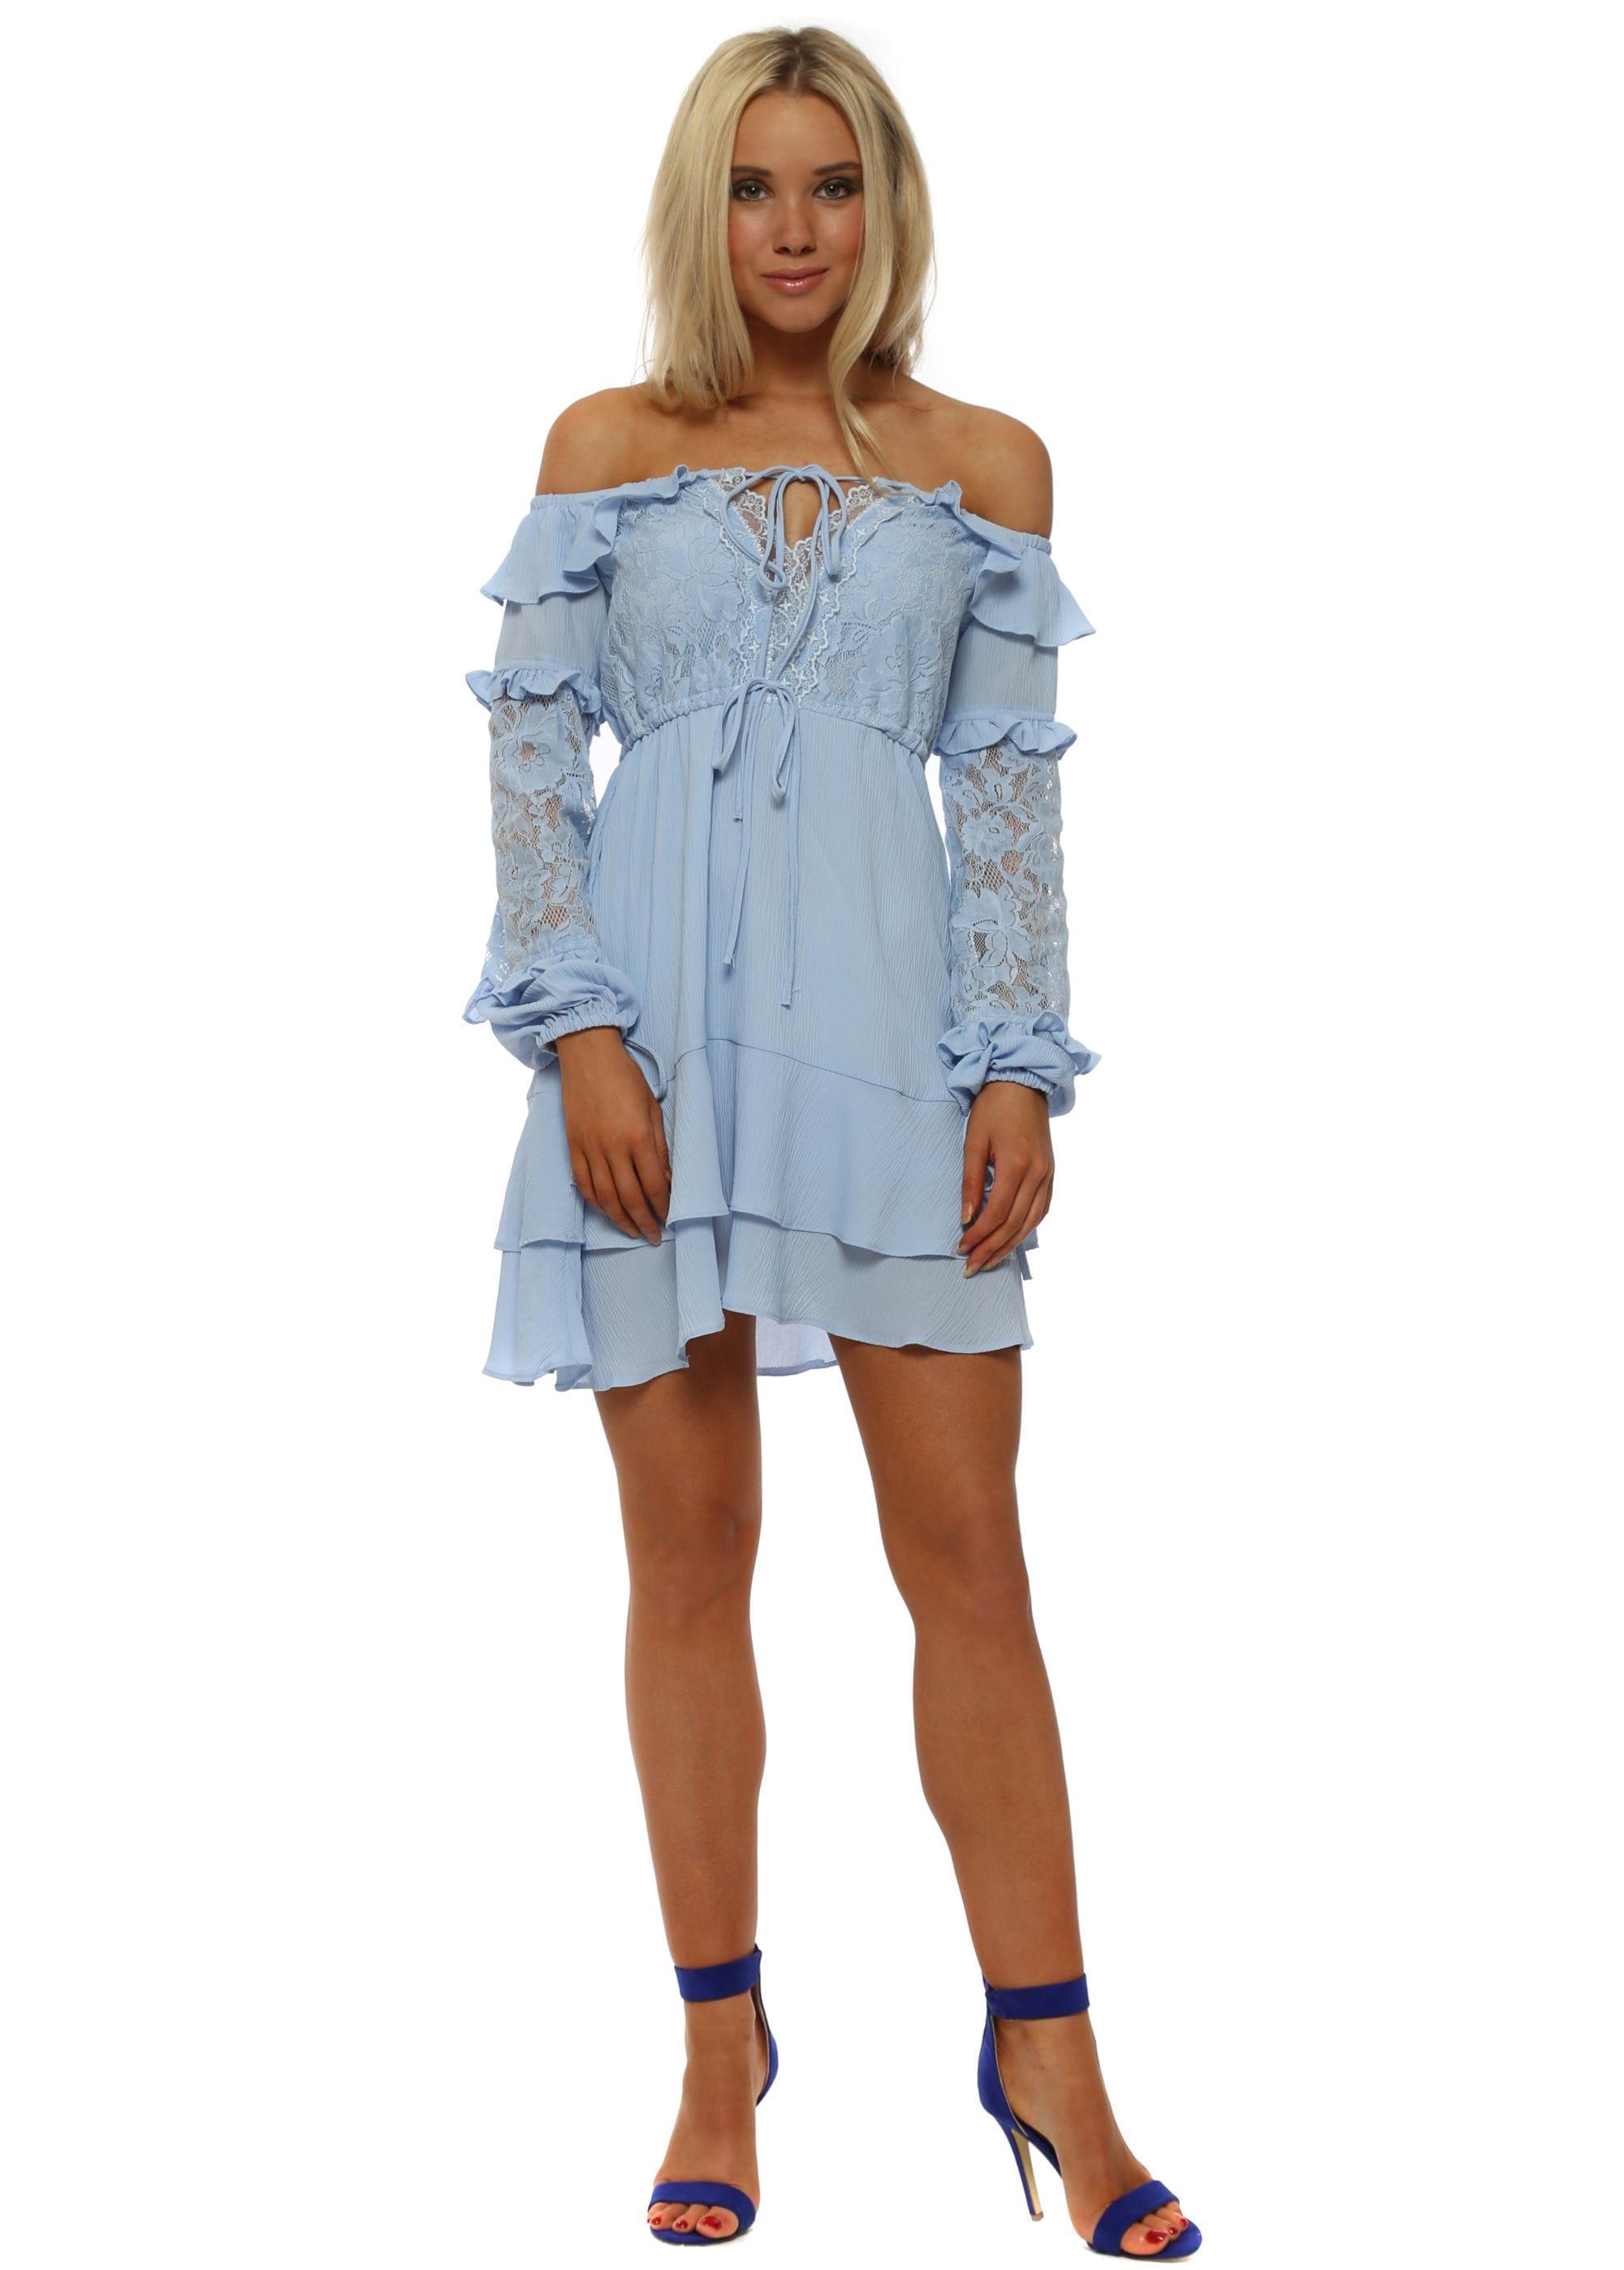 869a16f83 Baby Blue Bardot Lace Ruffle Mini Dress